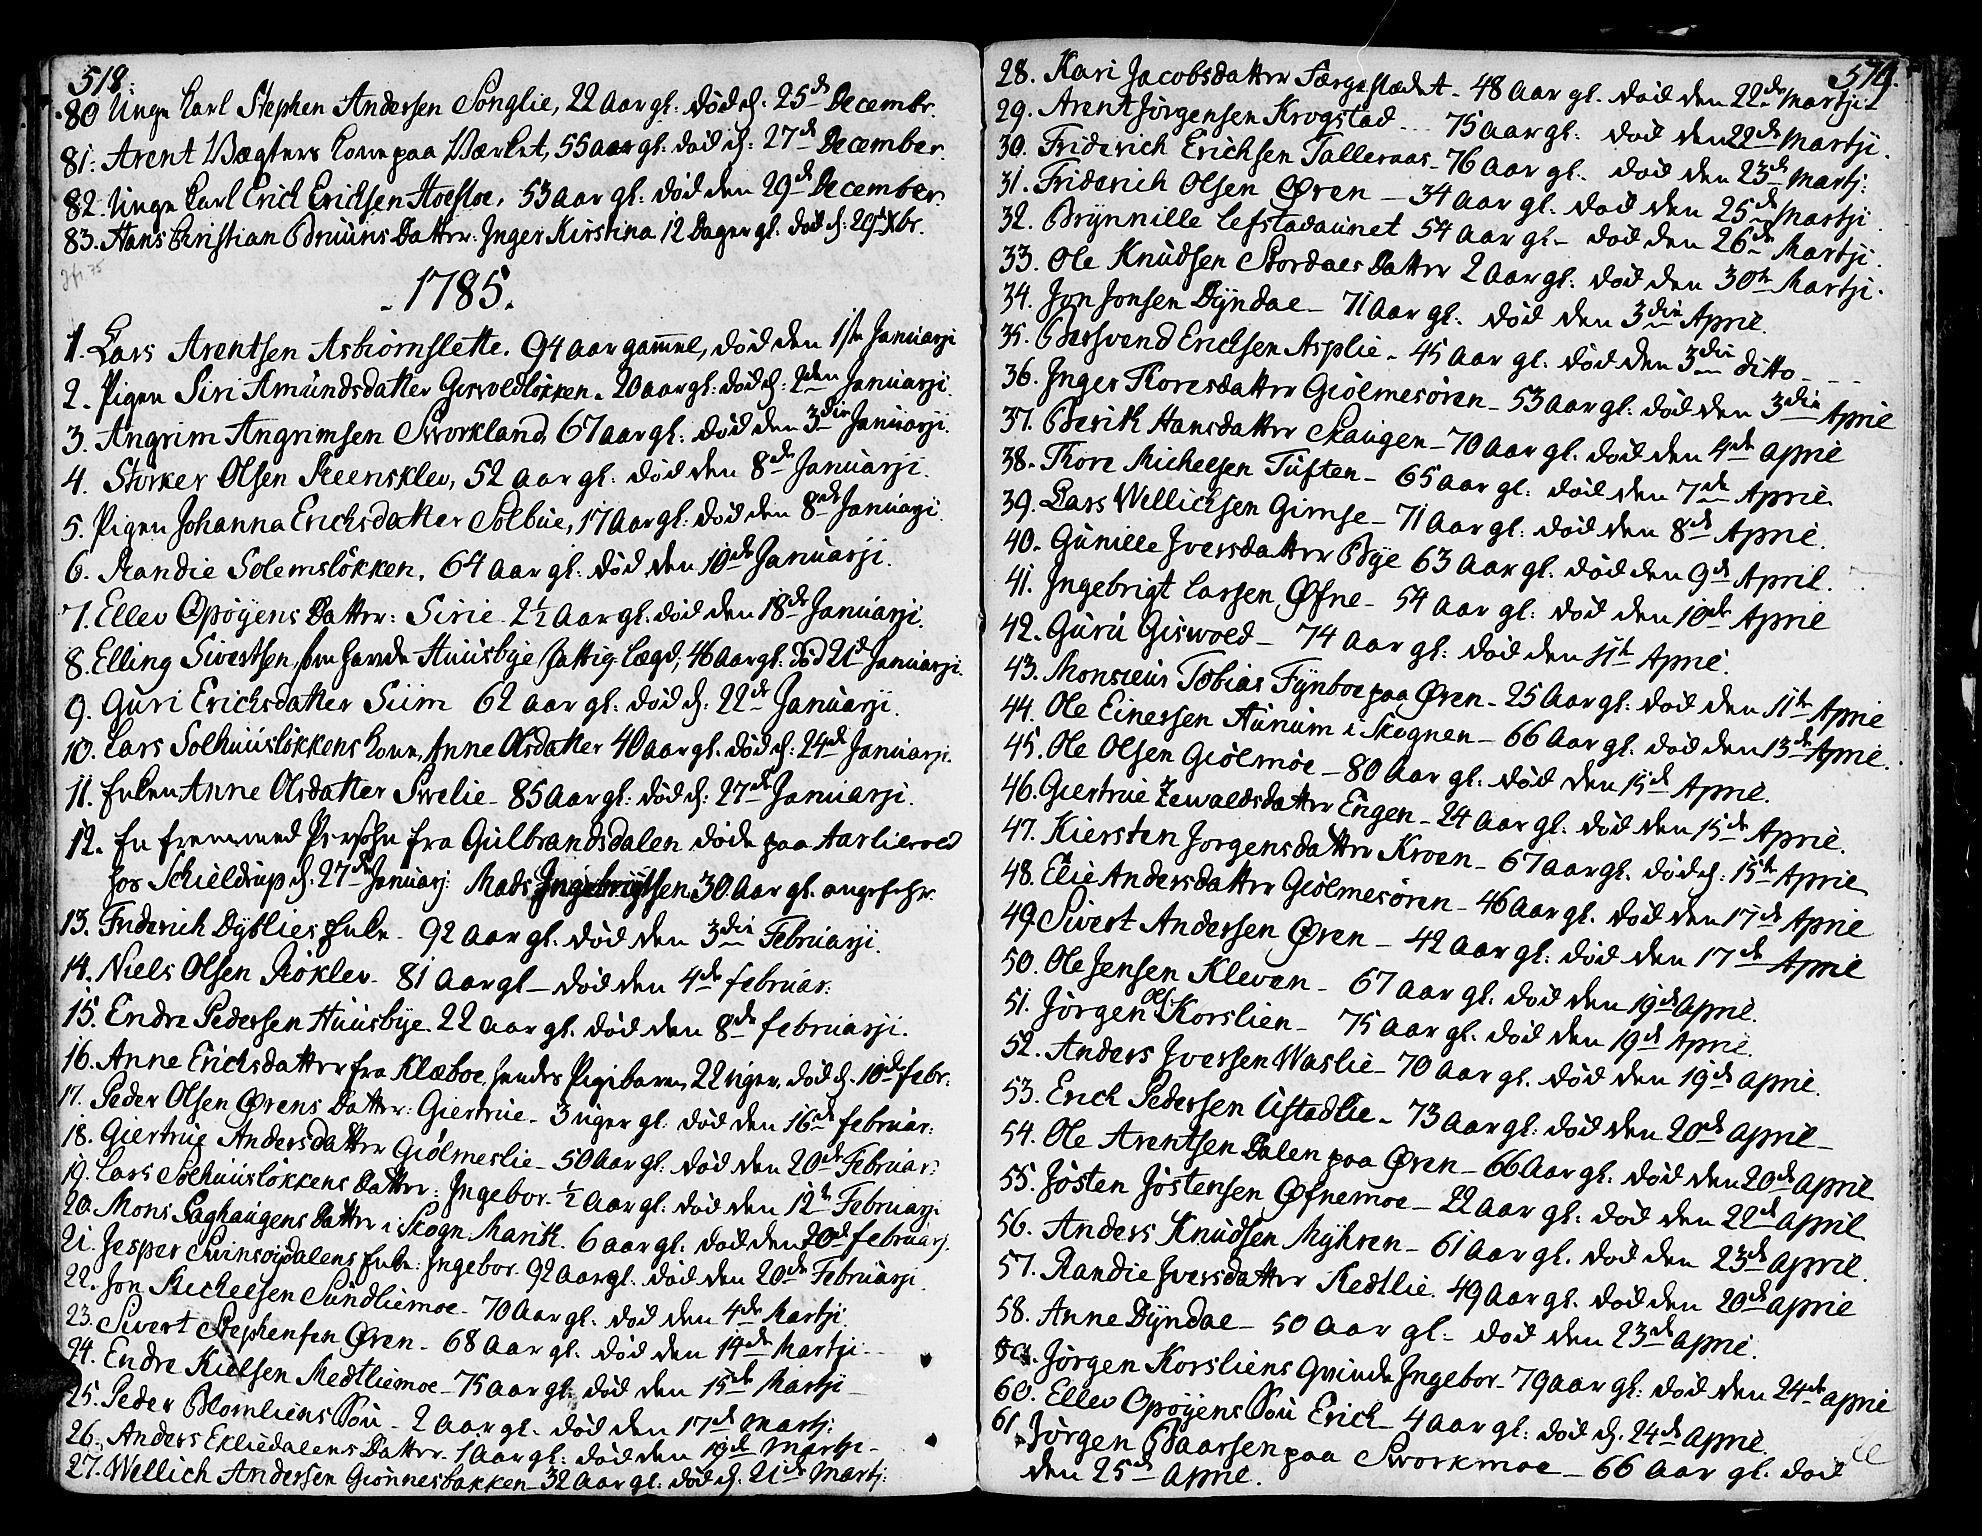 SAT, Ministerialprotokoller, klokkerbøker og fødselsregistre - Sør-Trøndelag, 668/L0802: Ministerialbok nr. 668A02, 1776-1799, s. 518-519